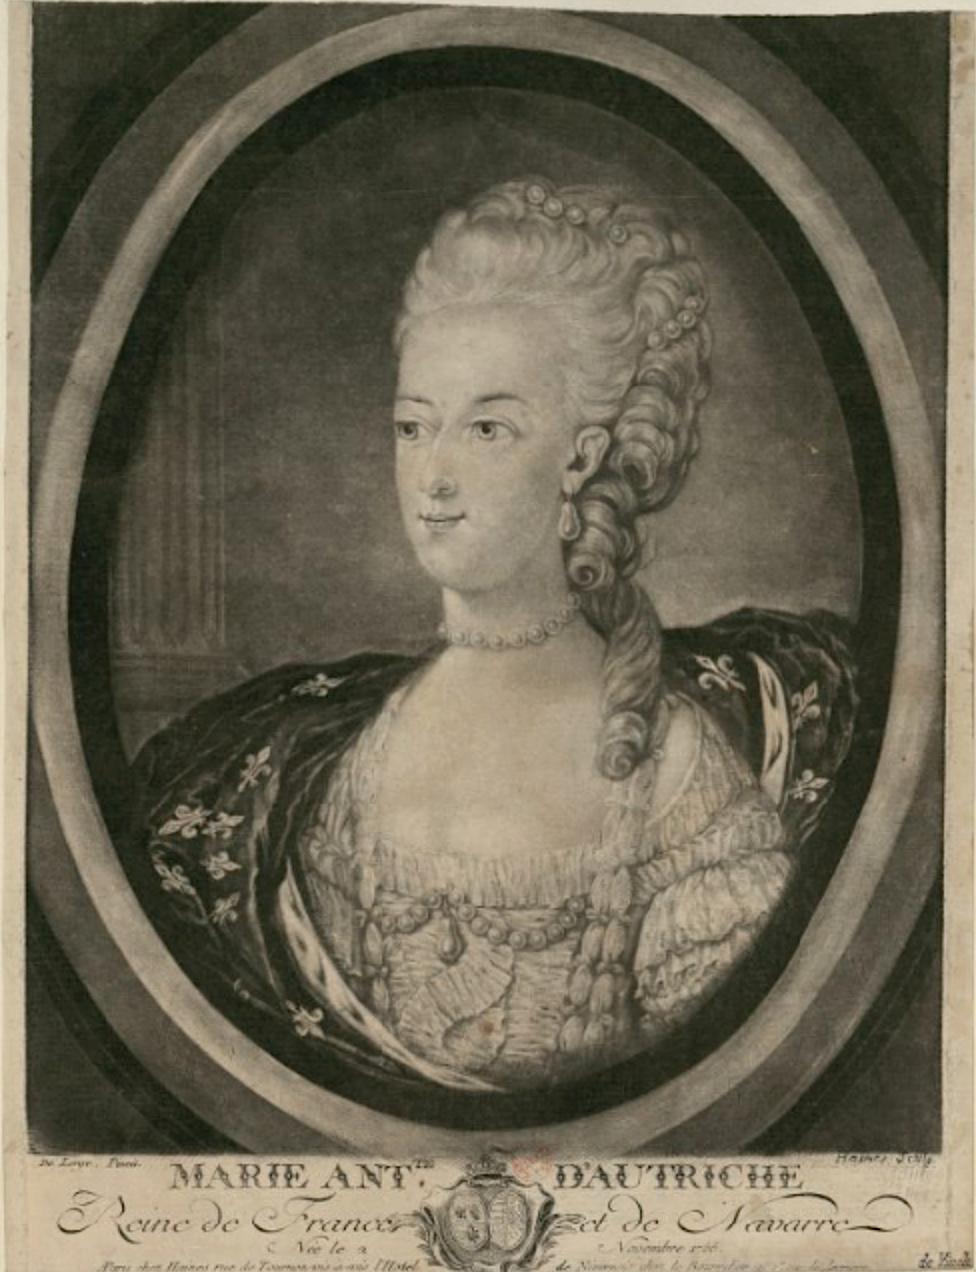 Portraits de Marie-Antoinette : les gravures, estampes, mezzotintes, aquatintes etc.  - Page 3 Gravur22